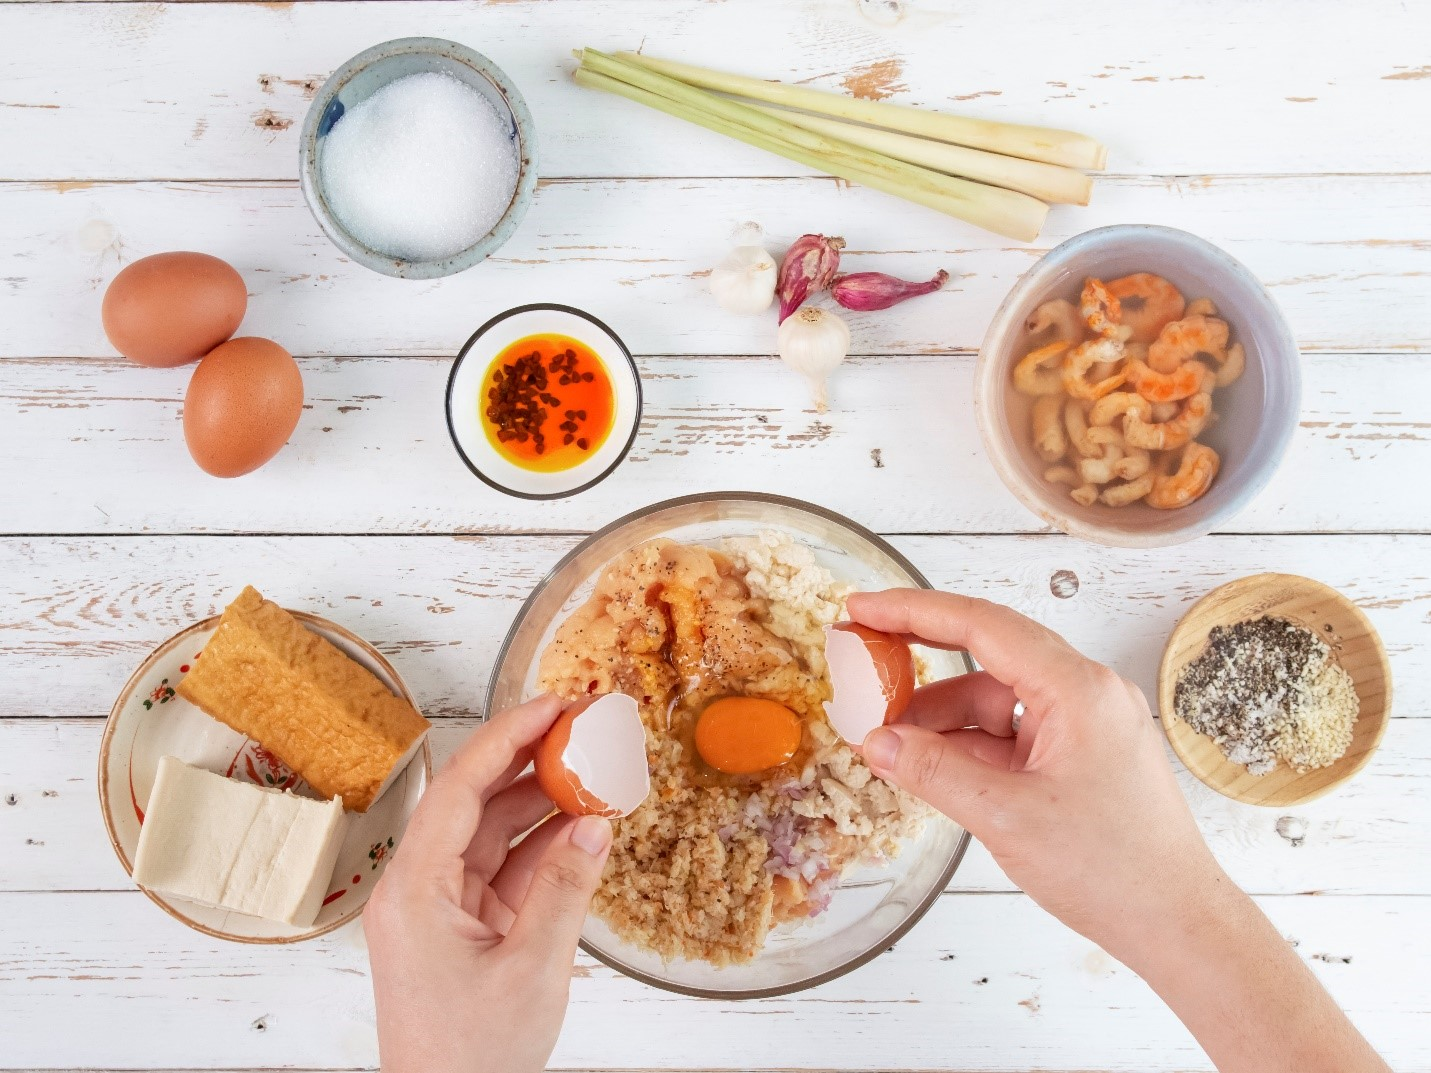 Riêu gà được làm từ tôm khô, thịt gà, đậu phụ, trứng, dầu màu điều trộn gia vị xay nhuyễn. Ảnh: Helen Le